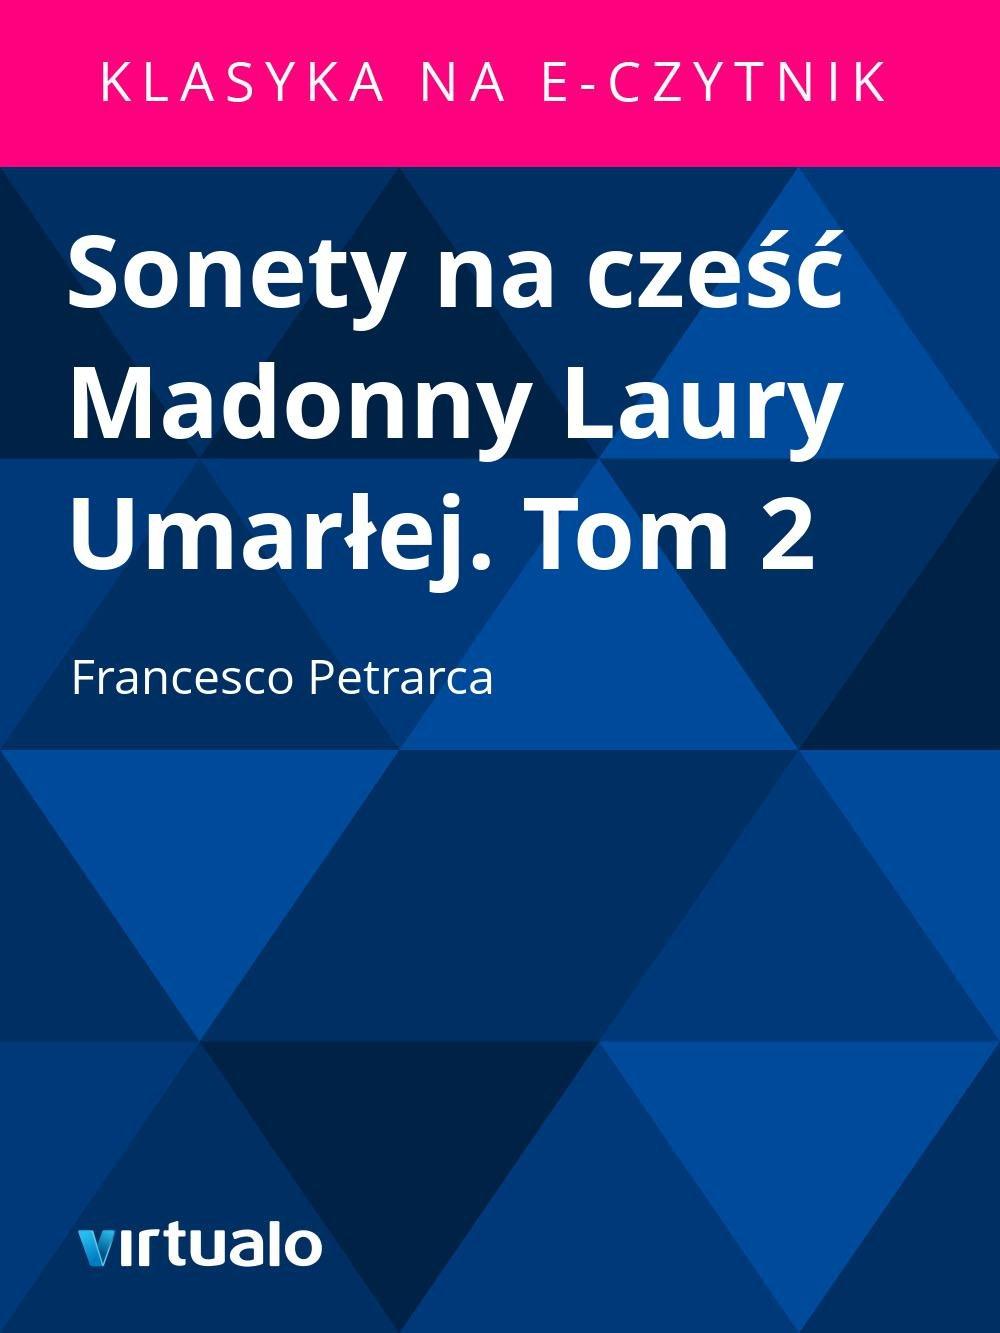 Sonety na cześć Madonny Laury Umarłej. Tom 2 - Ebook (Książka EPUB) do pobrania w formacie EPUB